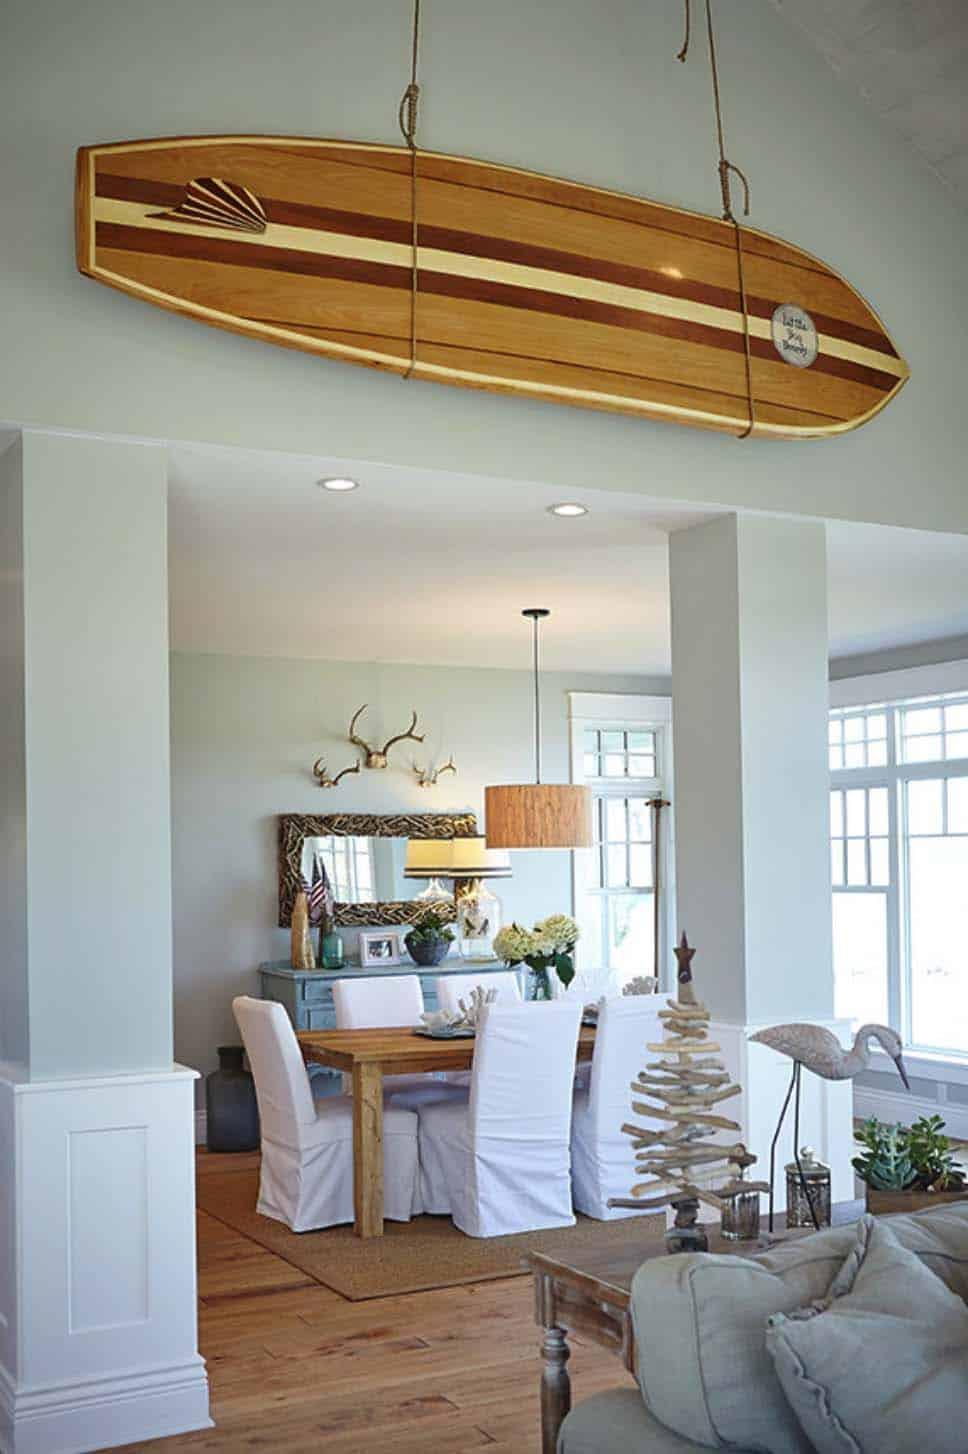 Cottage familial de style plage-Villa Decor-15-1 Kindesign